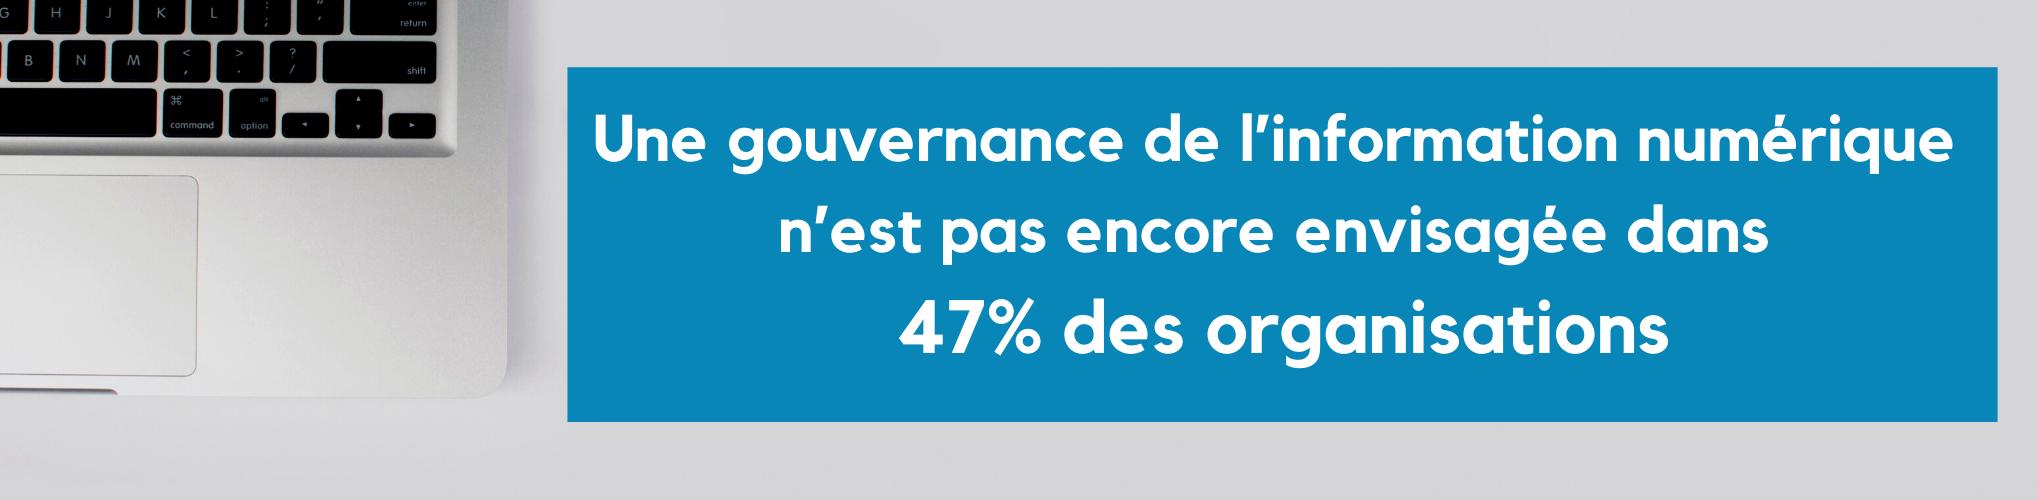 une gouvernance de l'information numérique n'est pas encore envisagée dans 47% des organisations